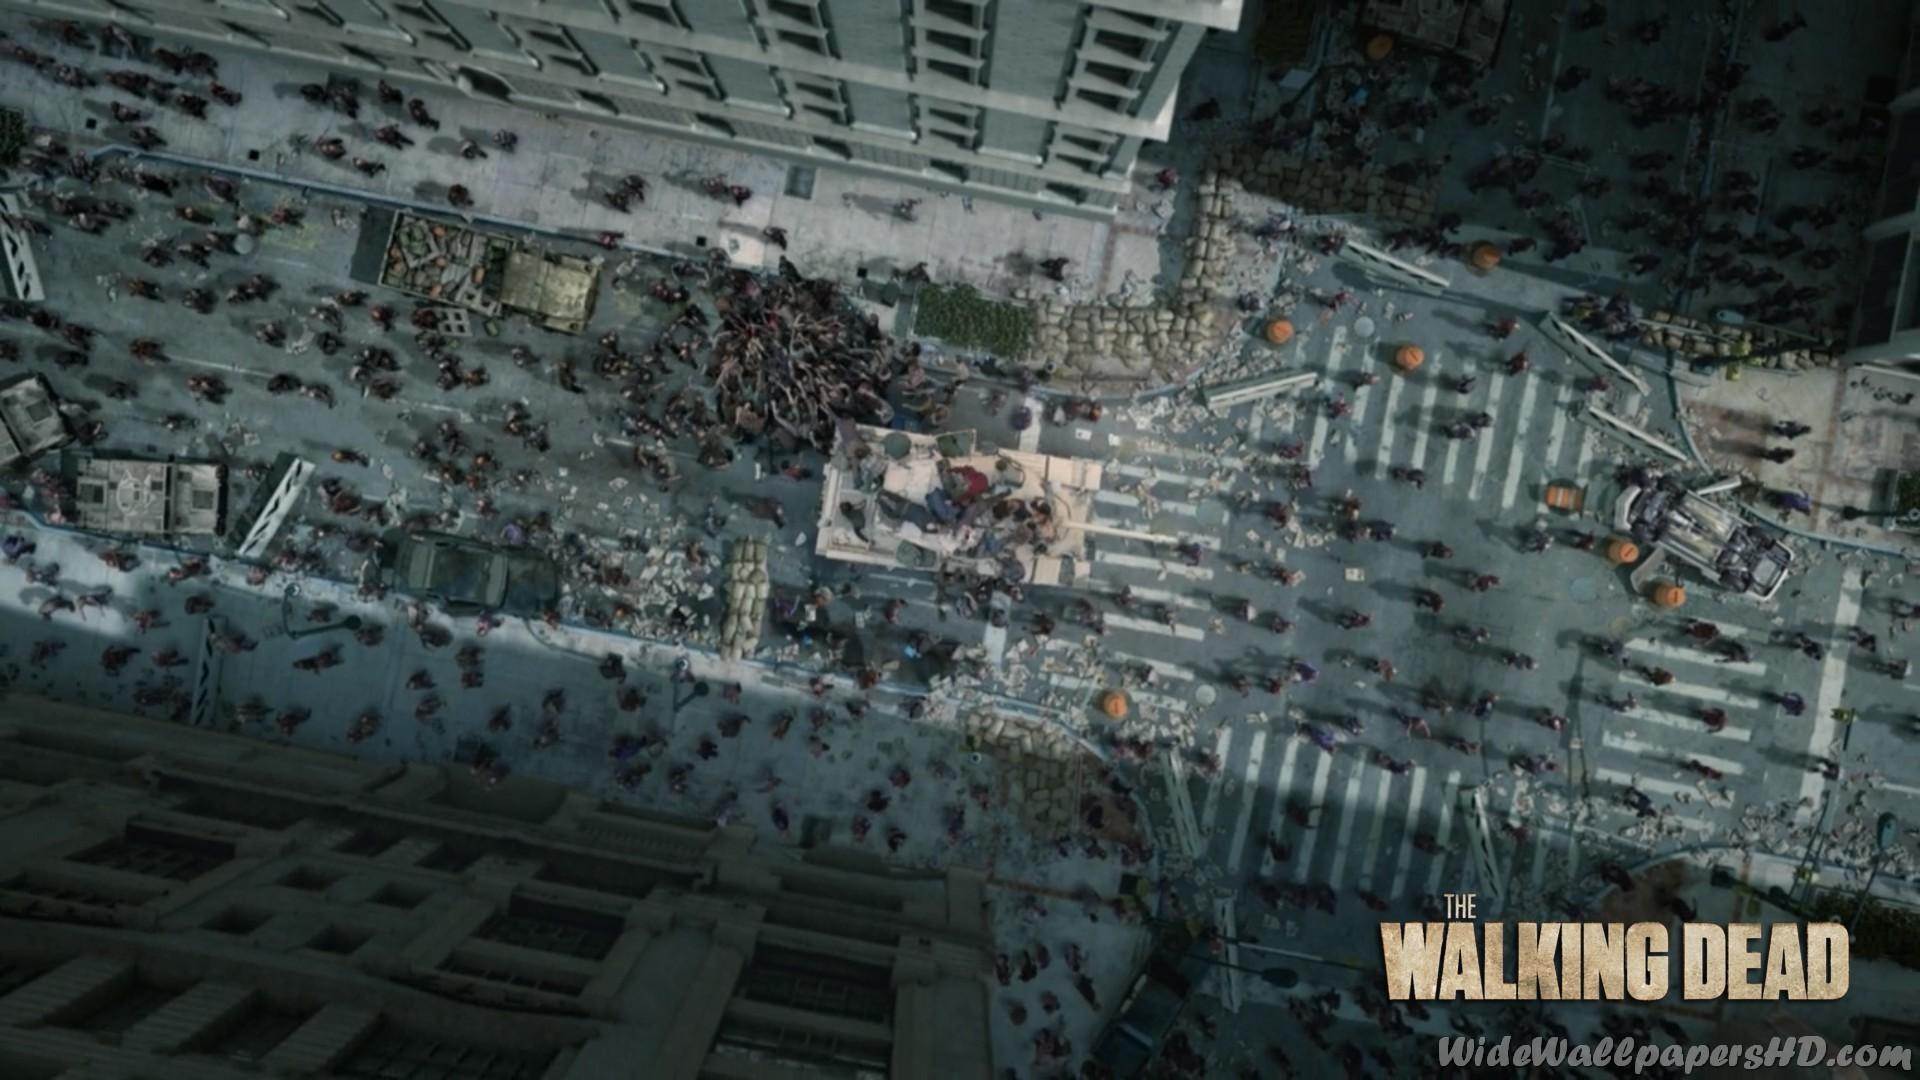 … 1920 × 1080 pixels. Shane-Walsh-2-The-Walking-Dead-Wide-HD-Wallpapers